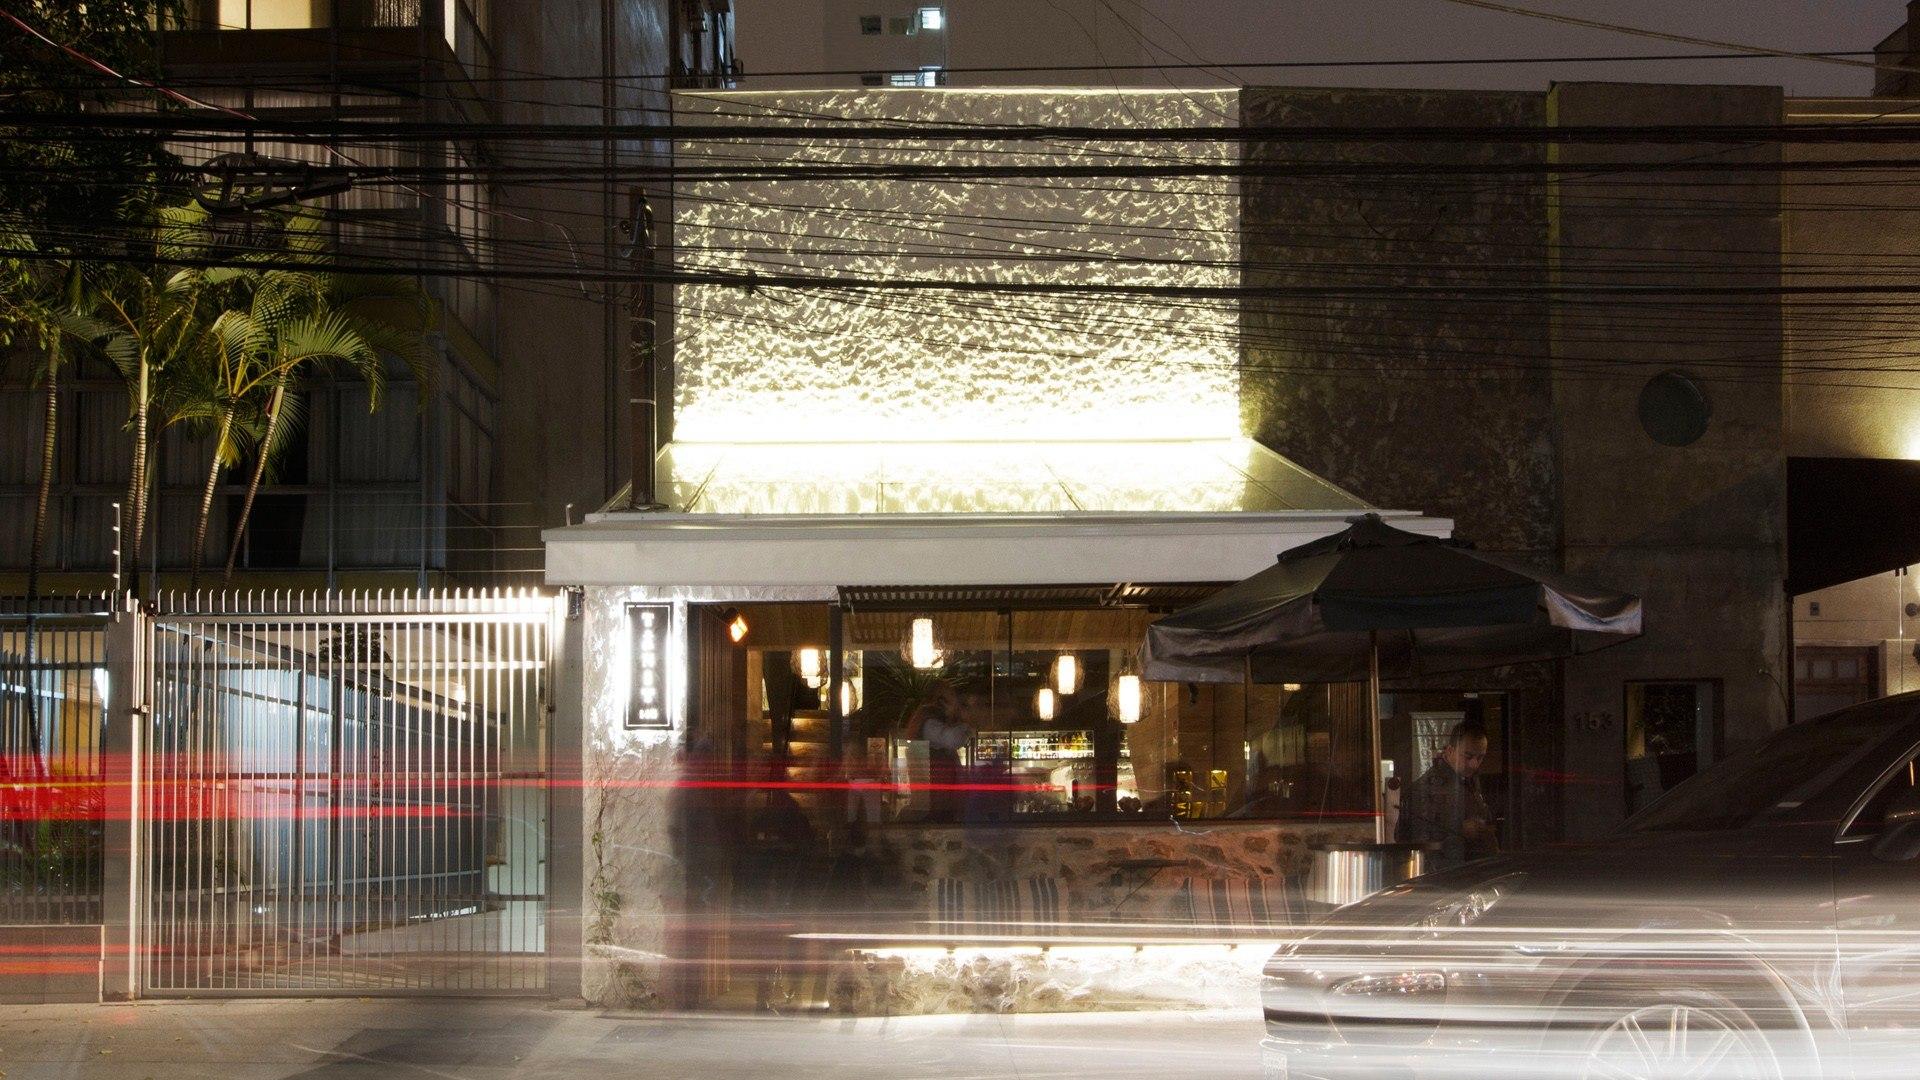 10.restaurante-tanit-externa-noturna-14